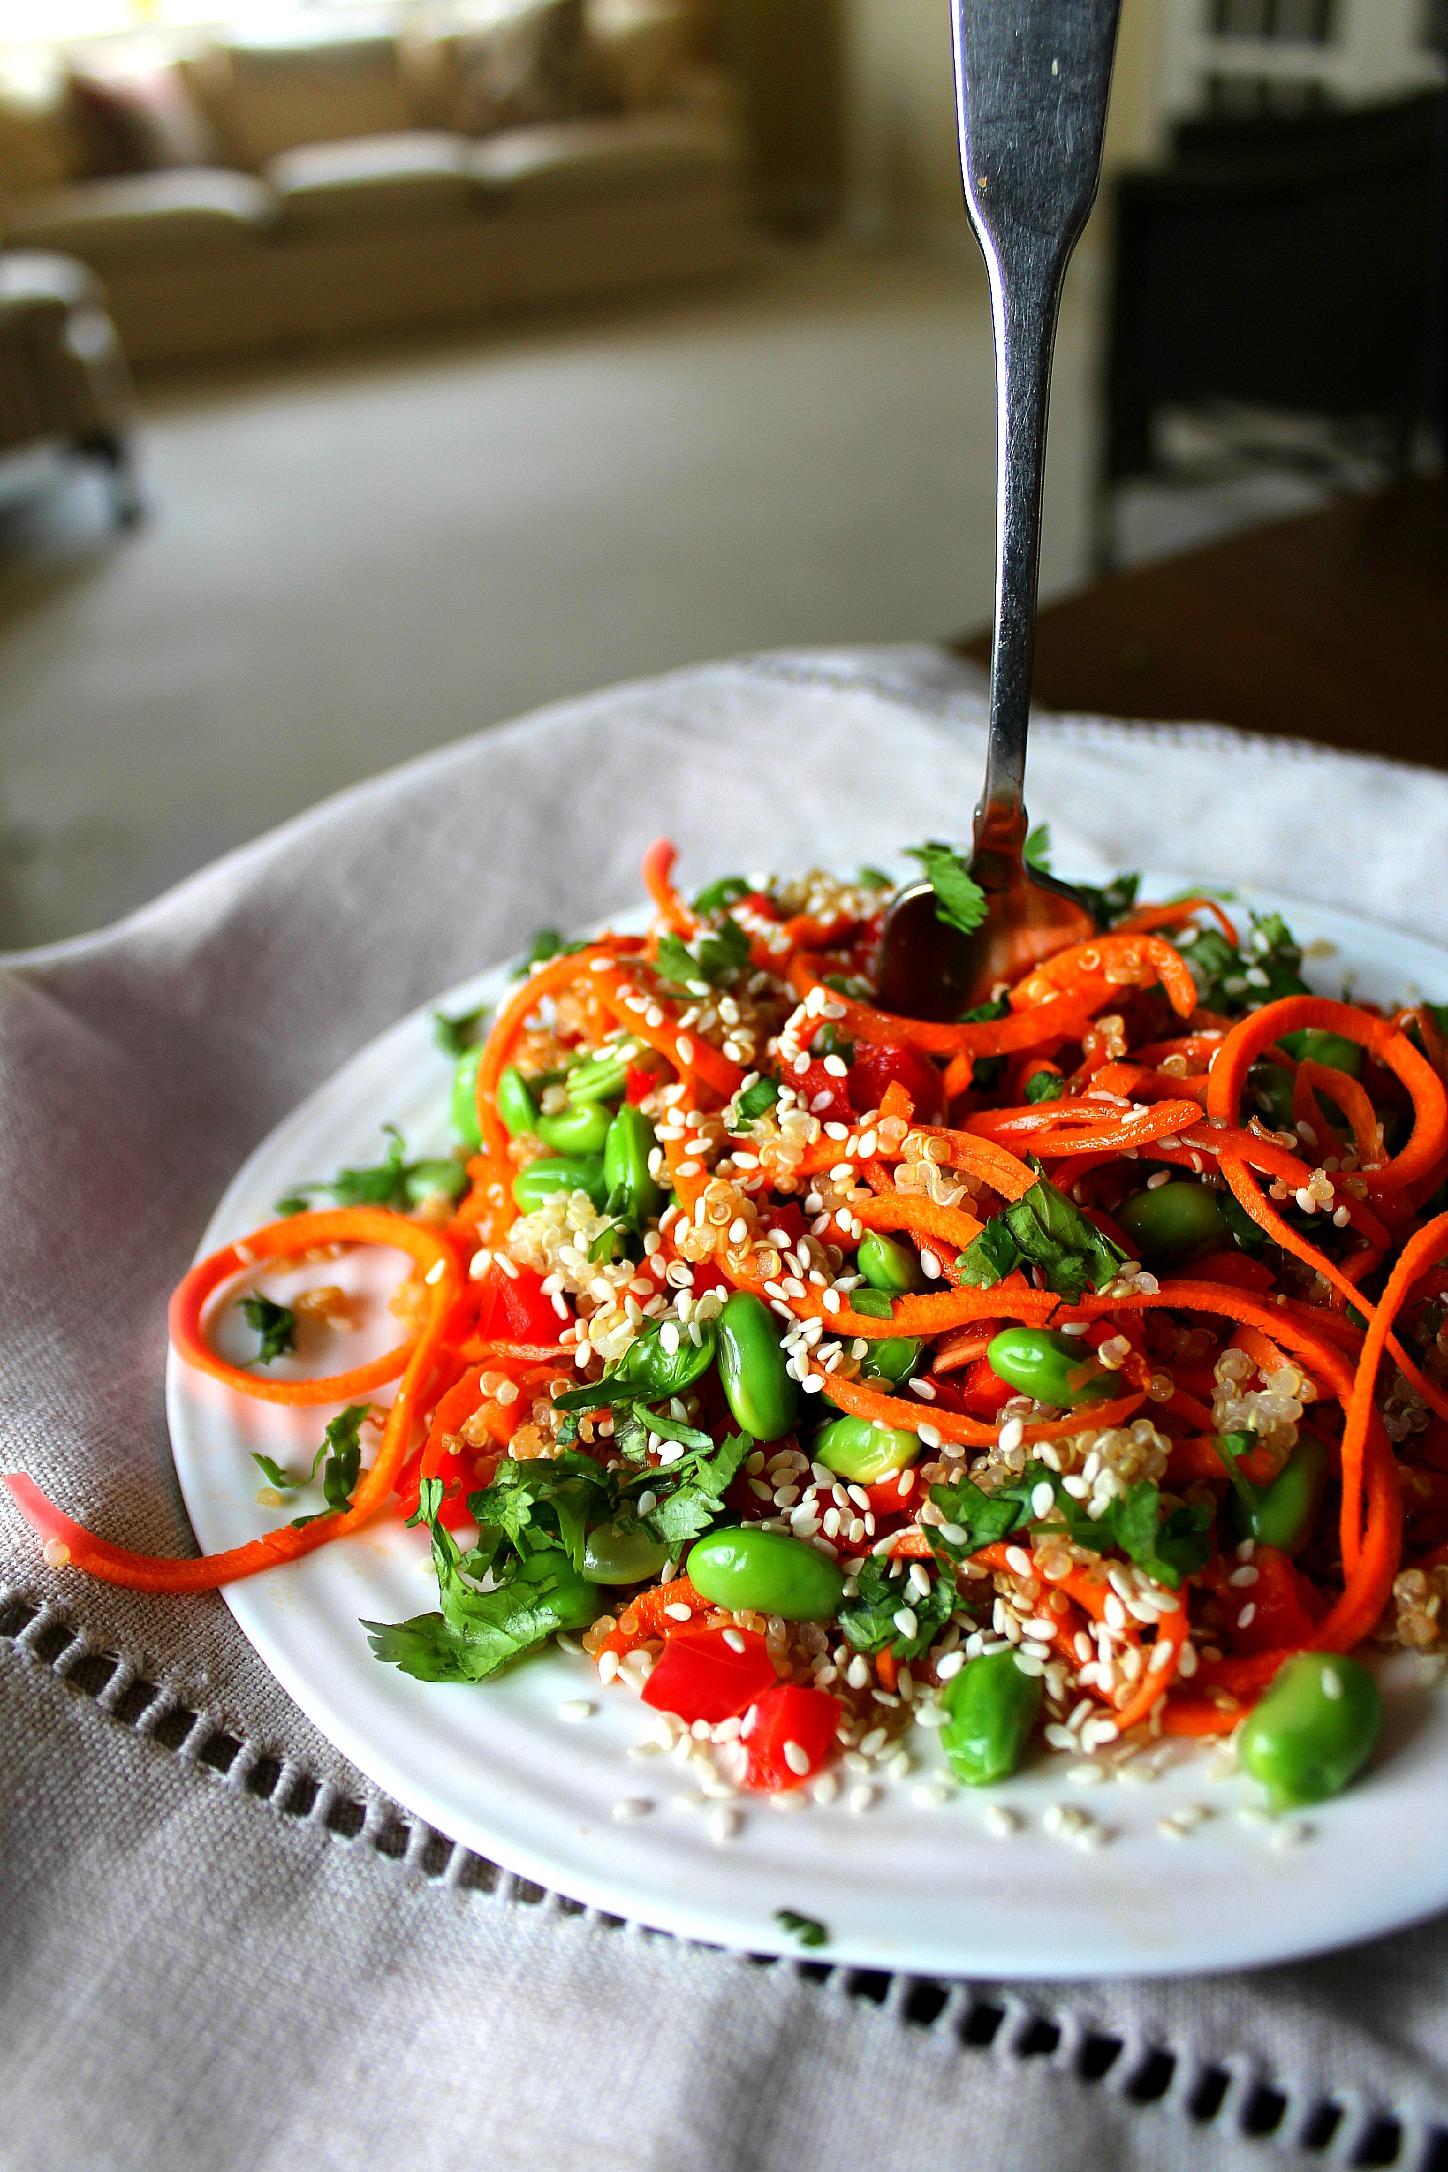 Asian sesame carrot salad